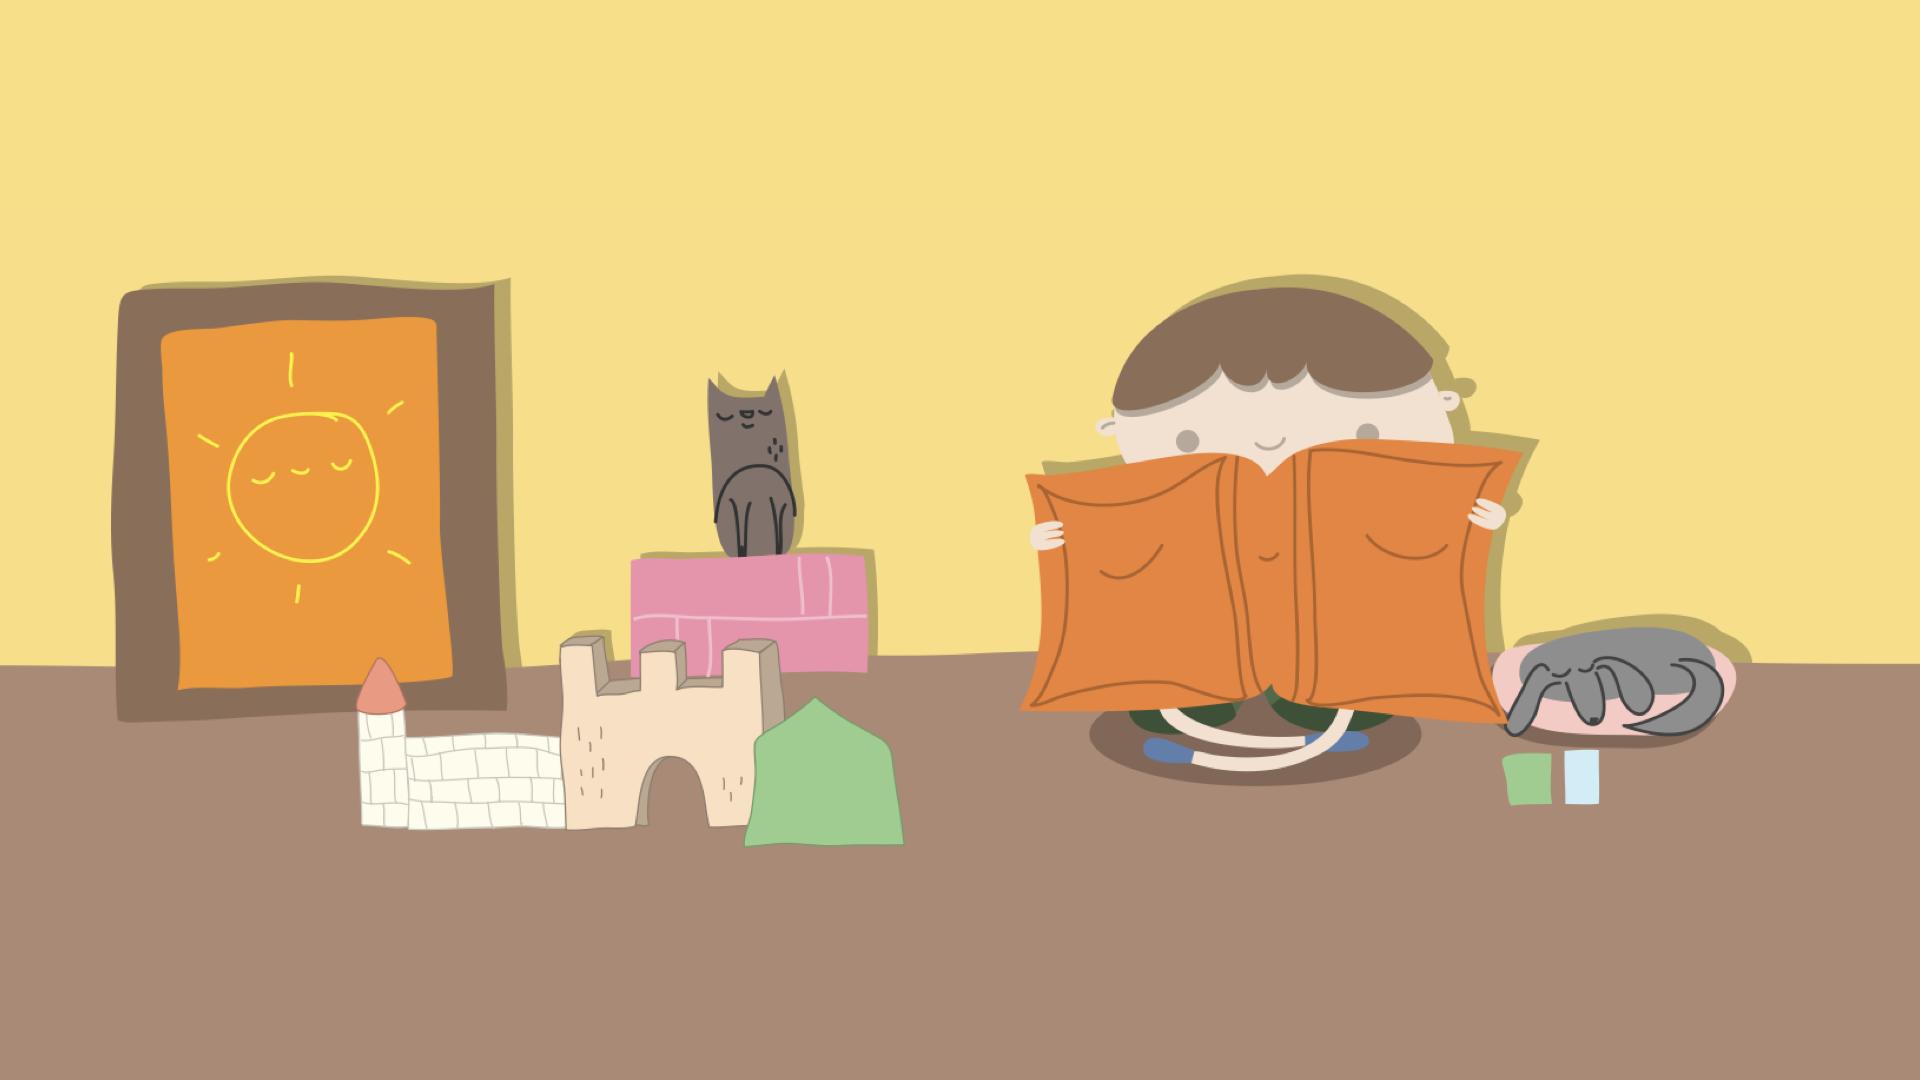 Livros que fazem as crianças crescerem #47: mais livros sobre livros